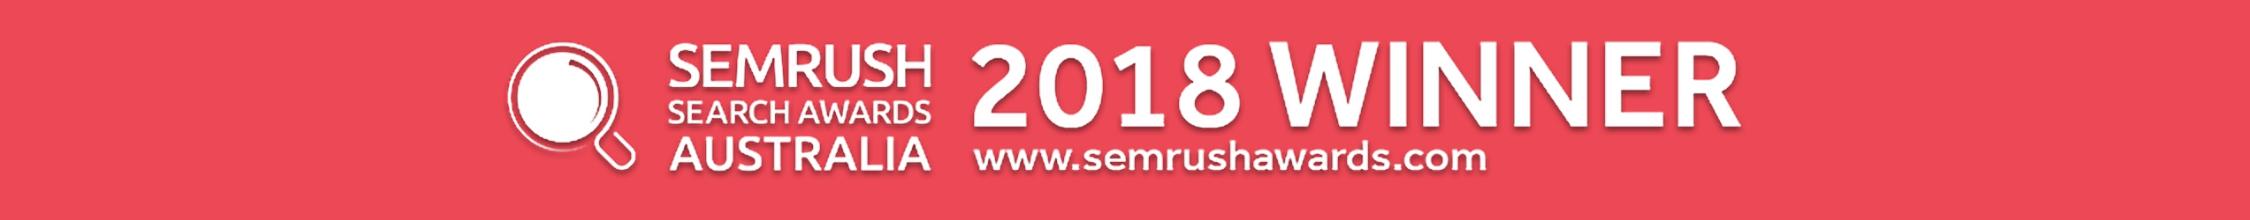 Winner Semrush Awards 2018